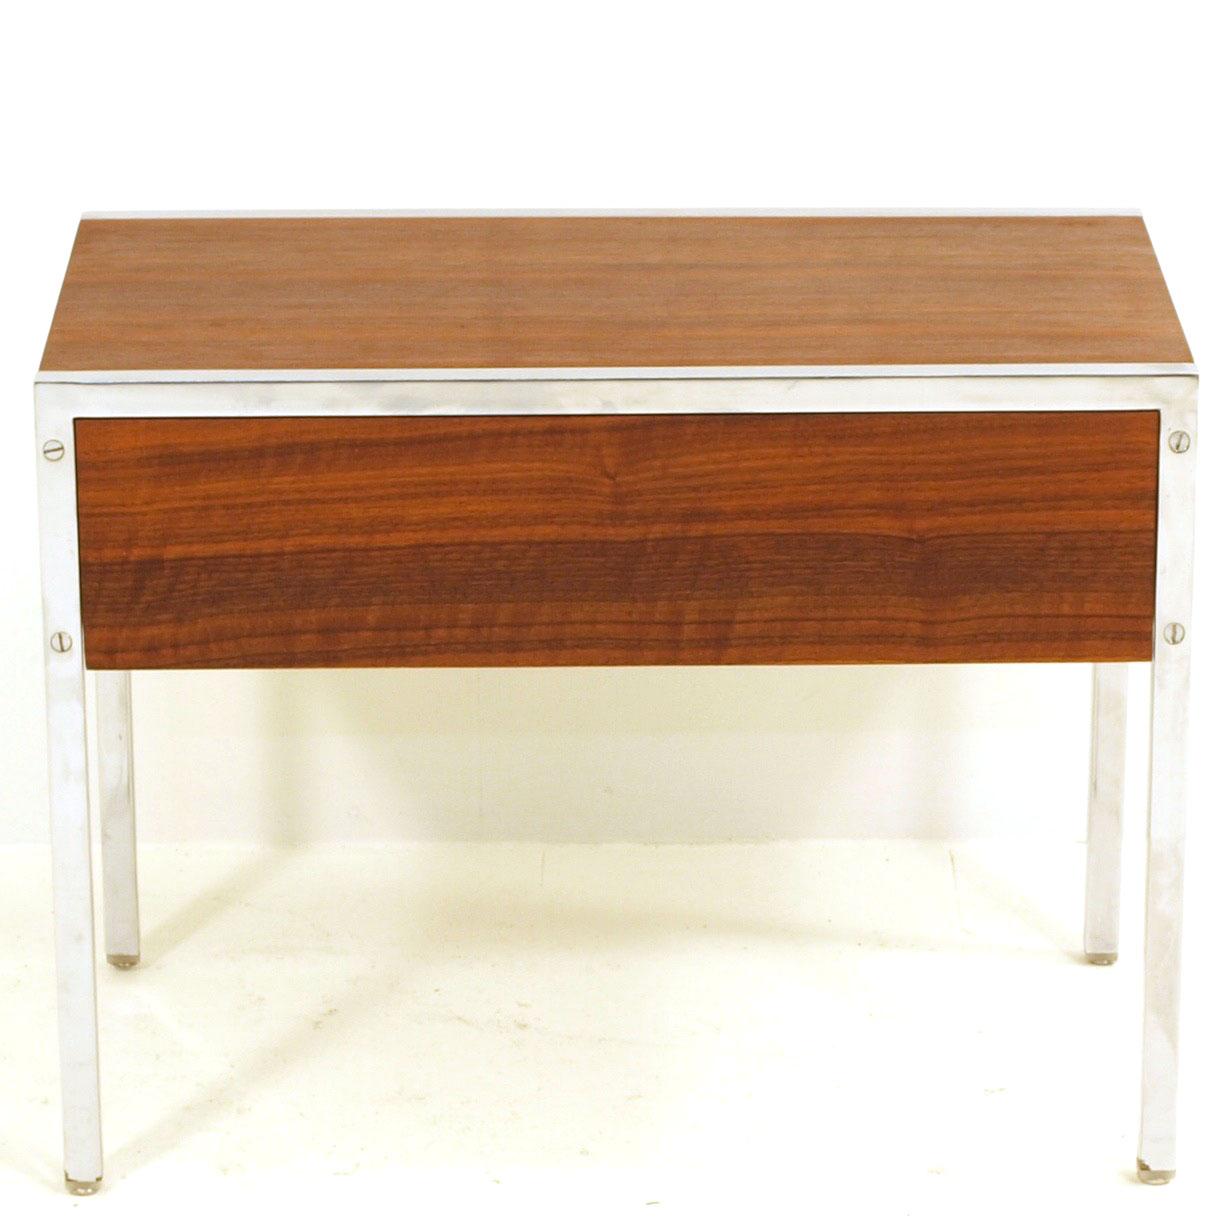 nachttischchen mit schublade von victoria m bel m bel z rich vintagem bel. Black Bedroom Furniture Sets. Home Design Ideas